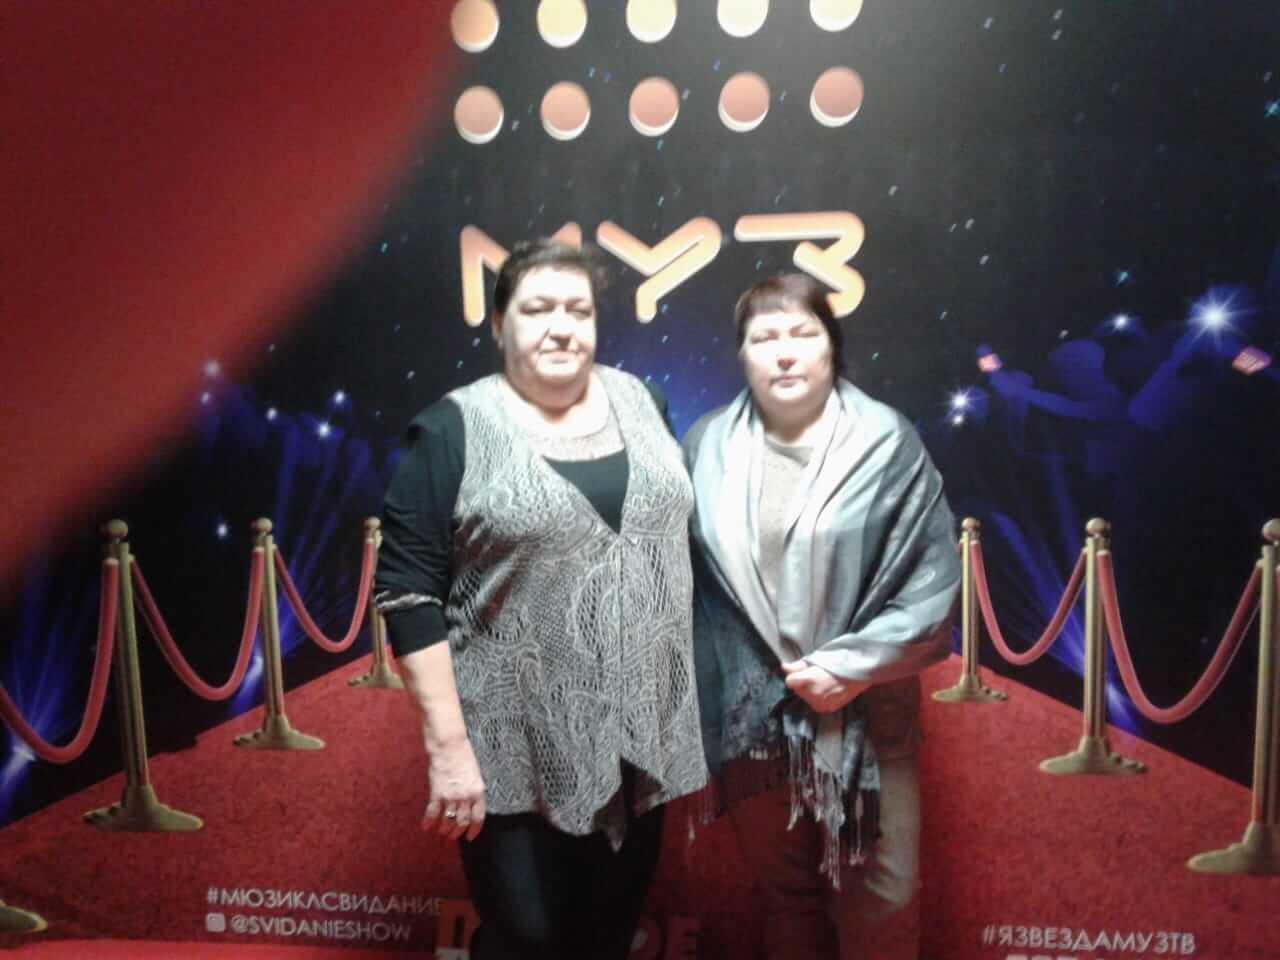 Посещение мюзикла в рамках проекта «Активное долголетие»